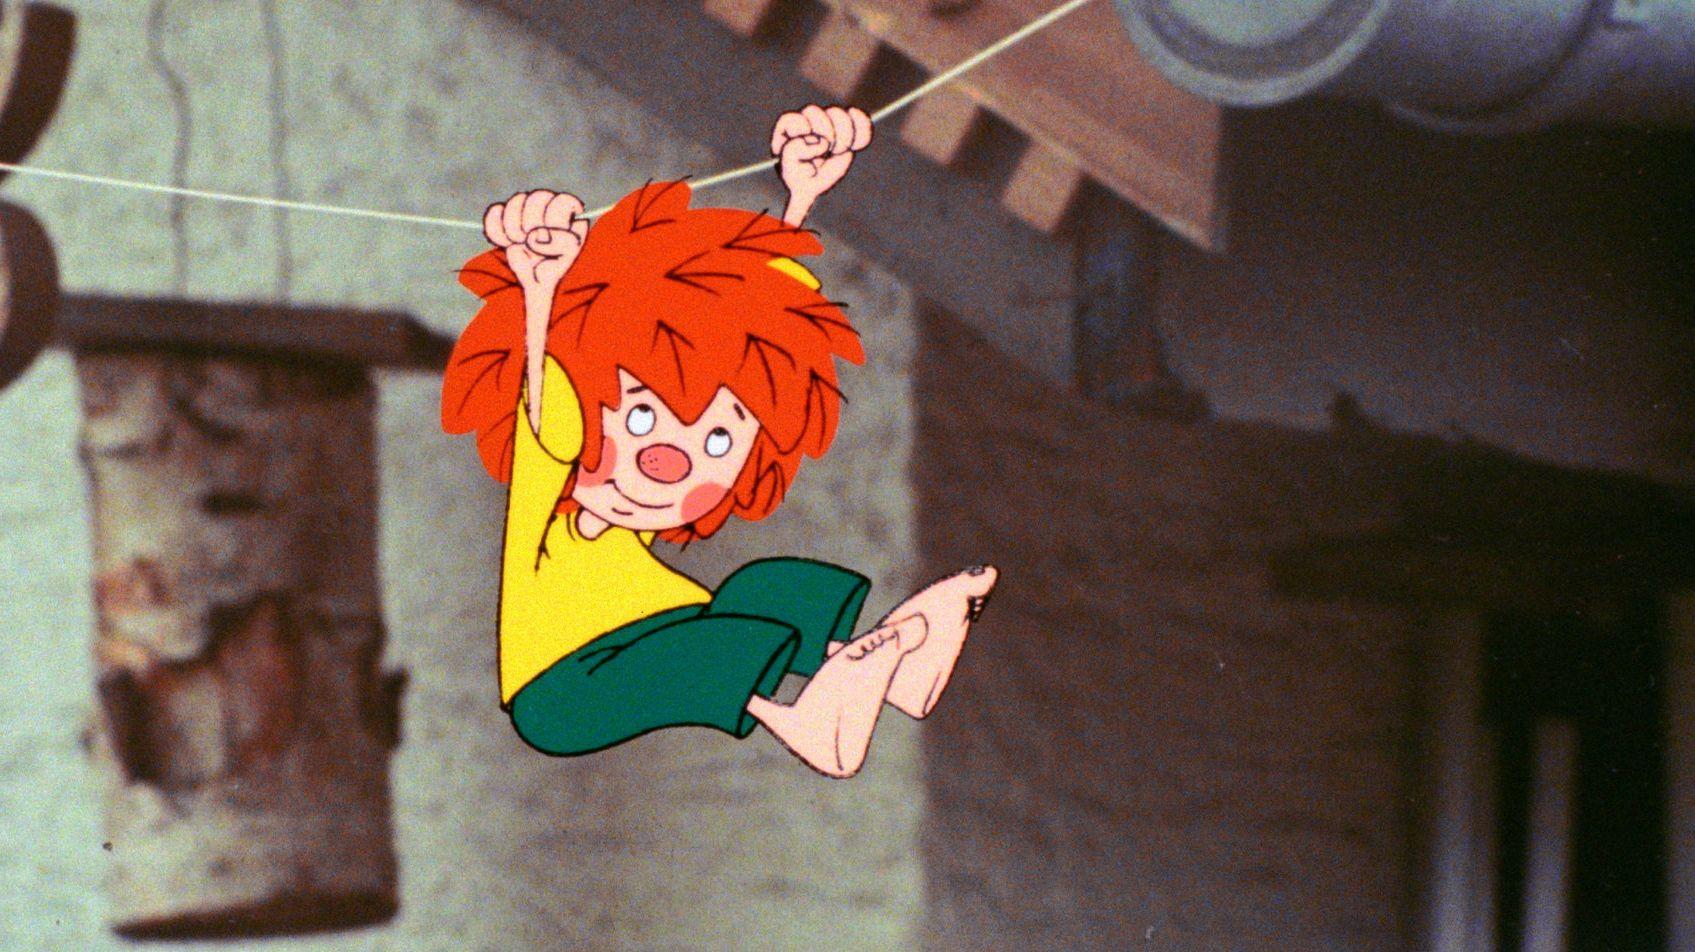 Pumuckl hangelt an einem Seil (Zeichentrickfigur unter einer Dachrinne)